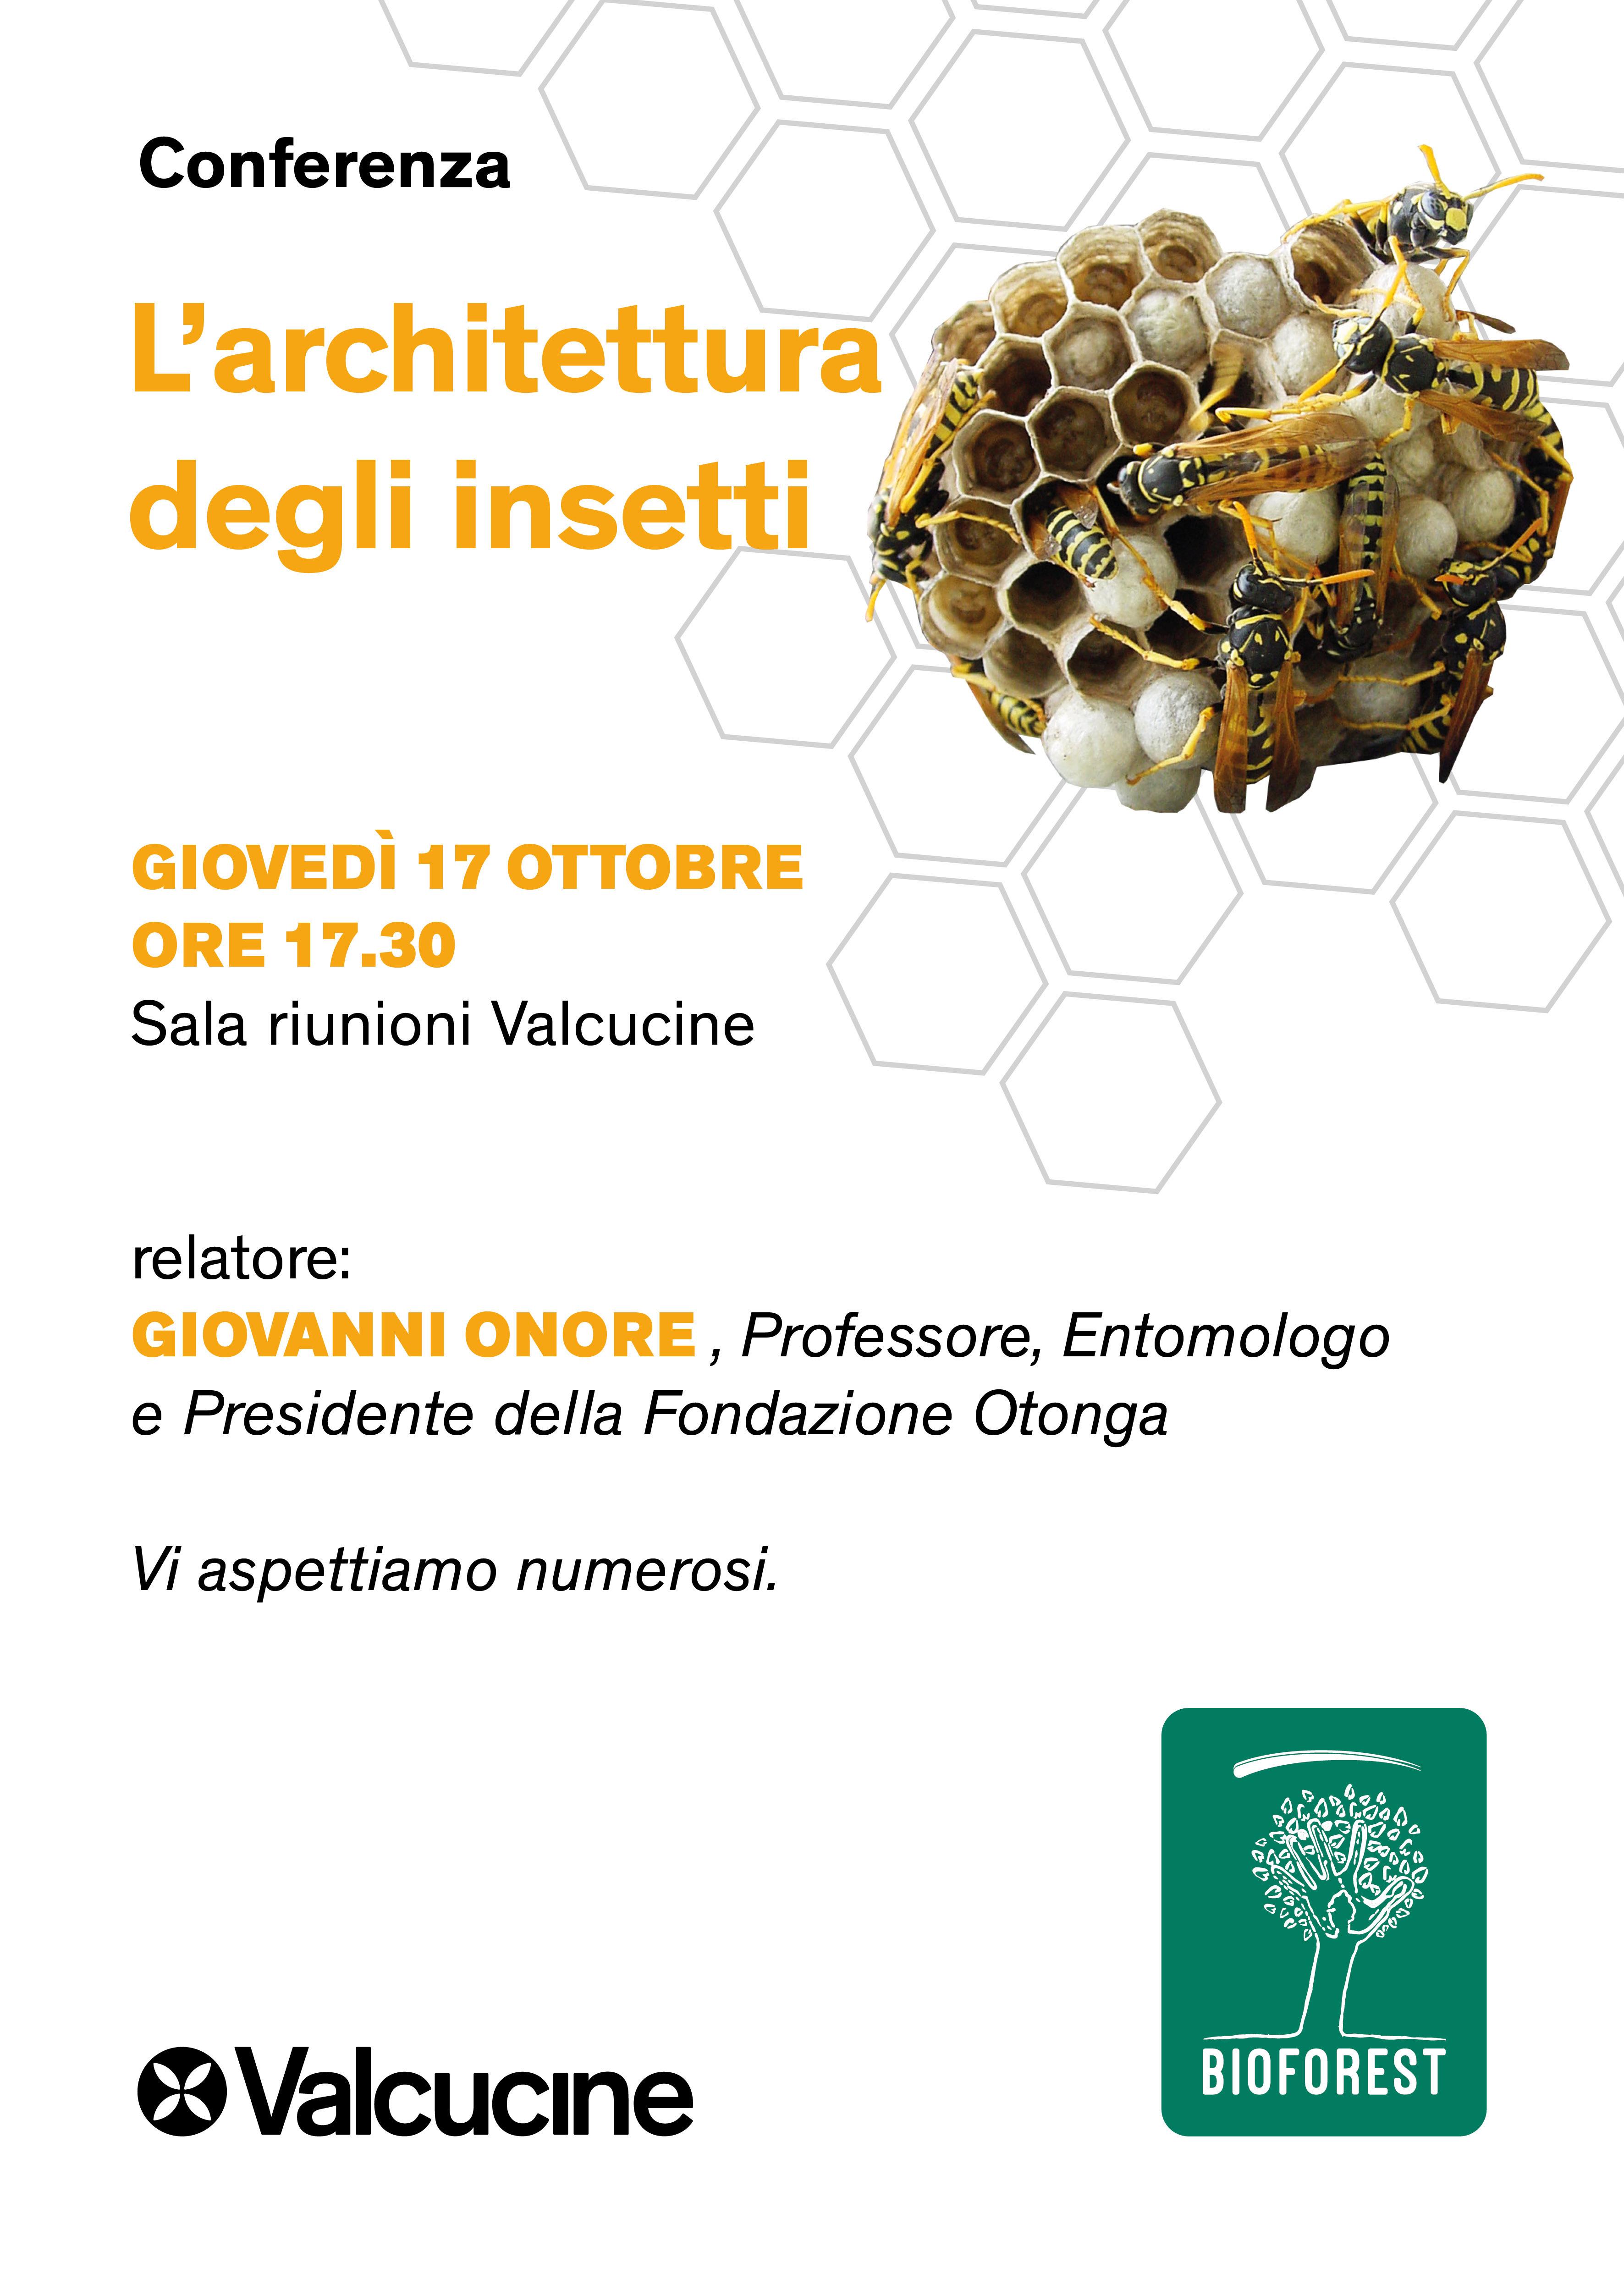 invito_conferenza_insetti